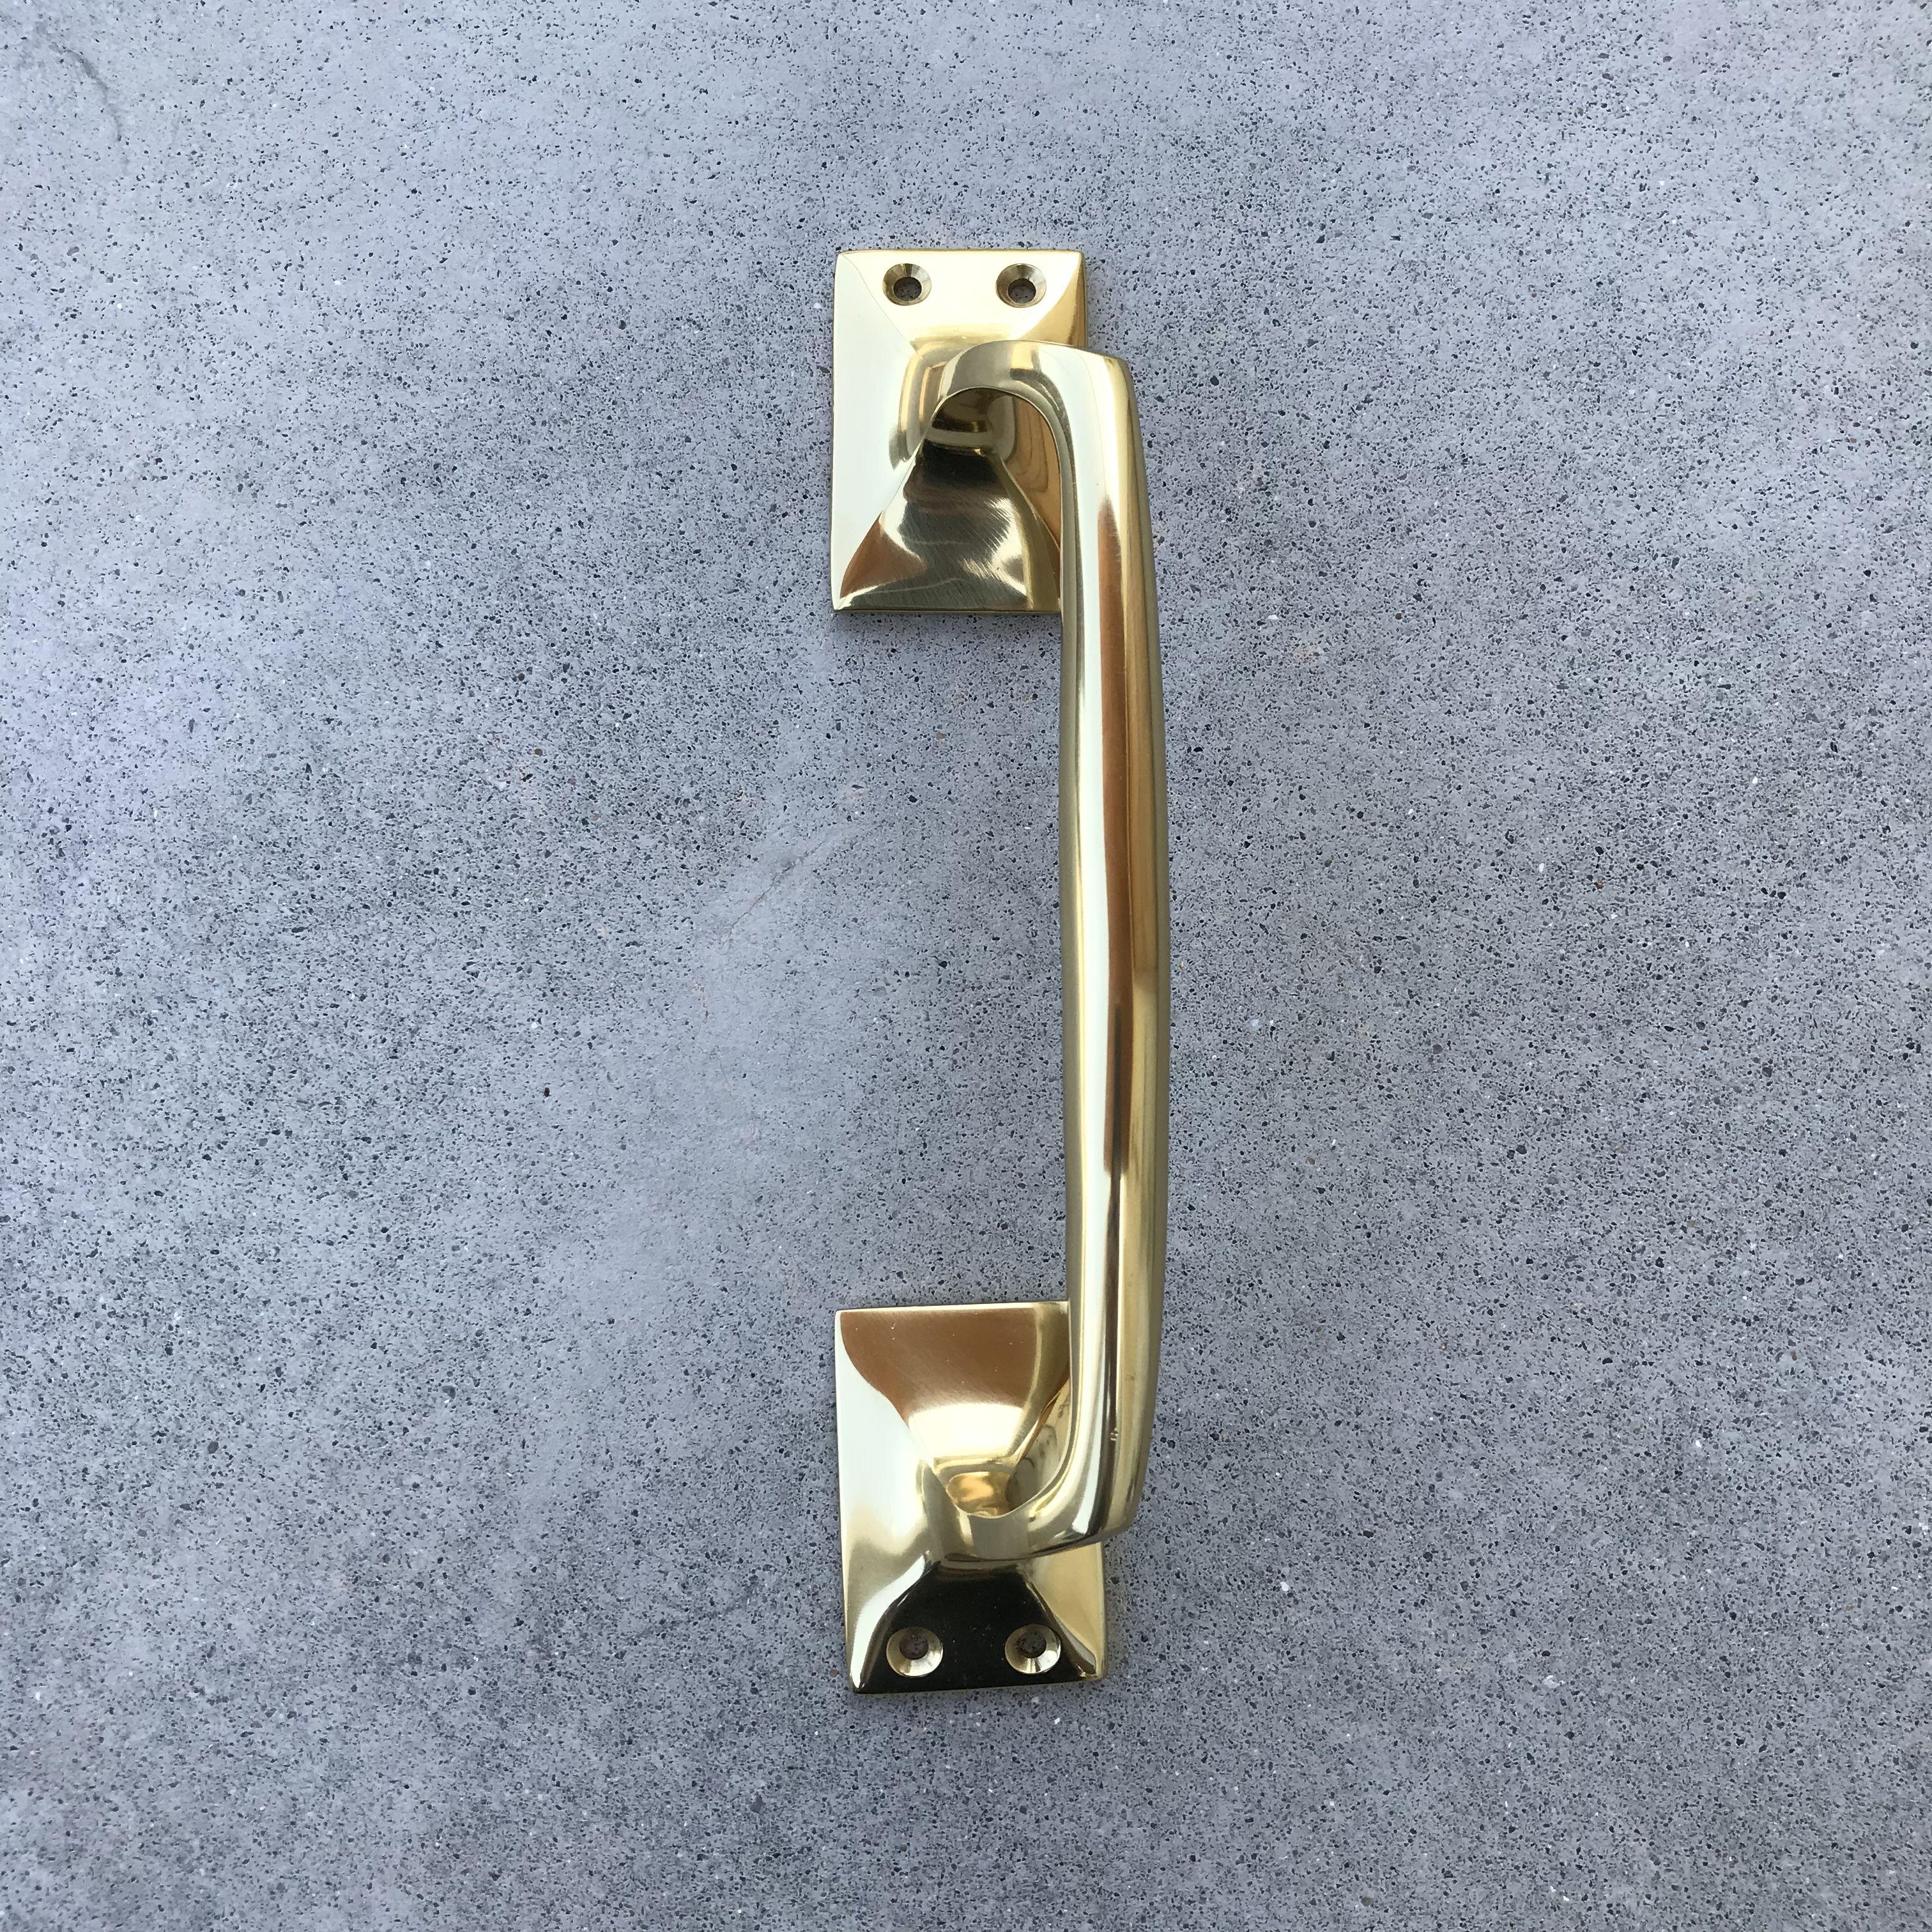 真鍮ドアハンドル Type5 次回入荷未定 ドアハンドル ドア ハンドル